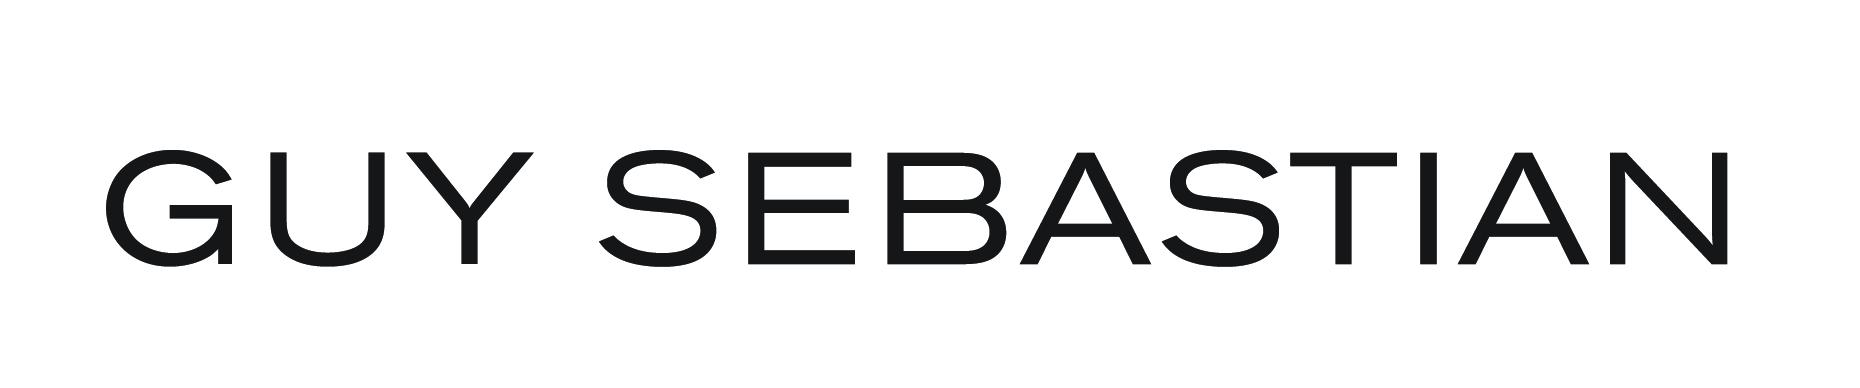 GUY Sebastian Logo .jpg